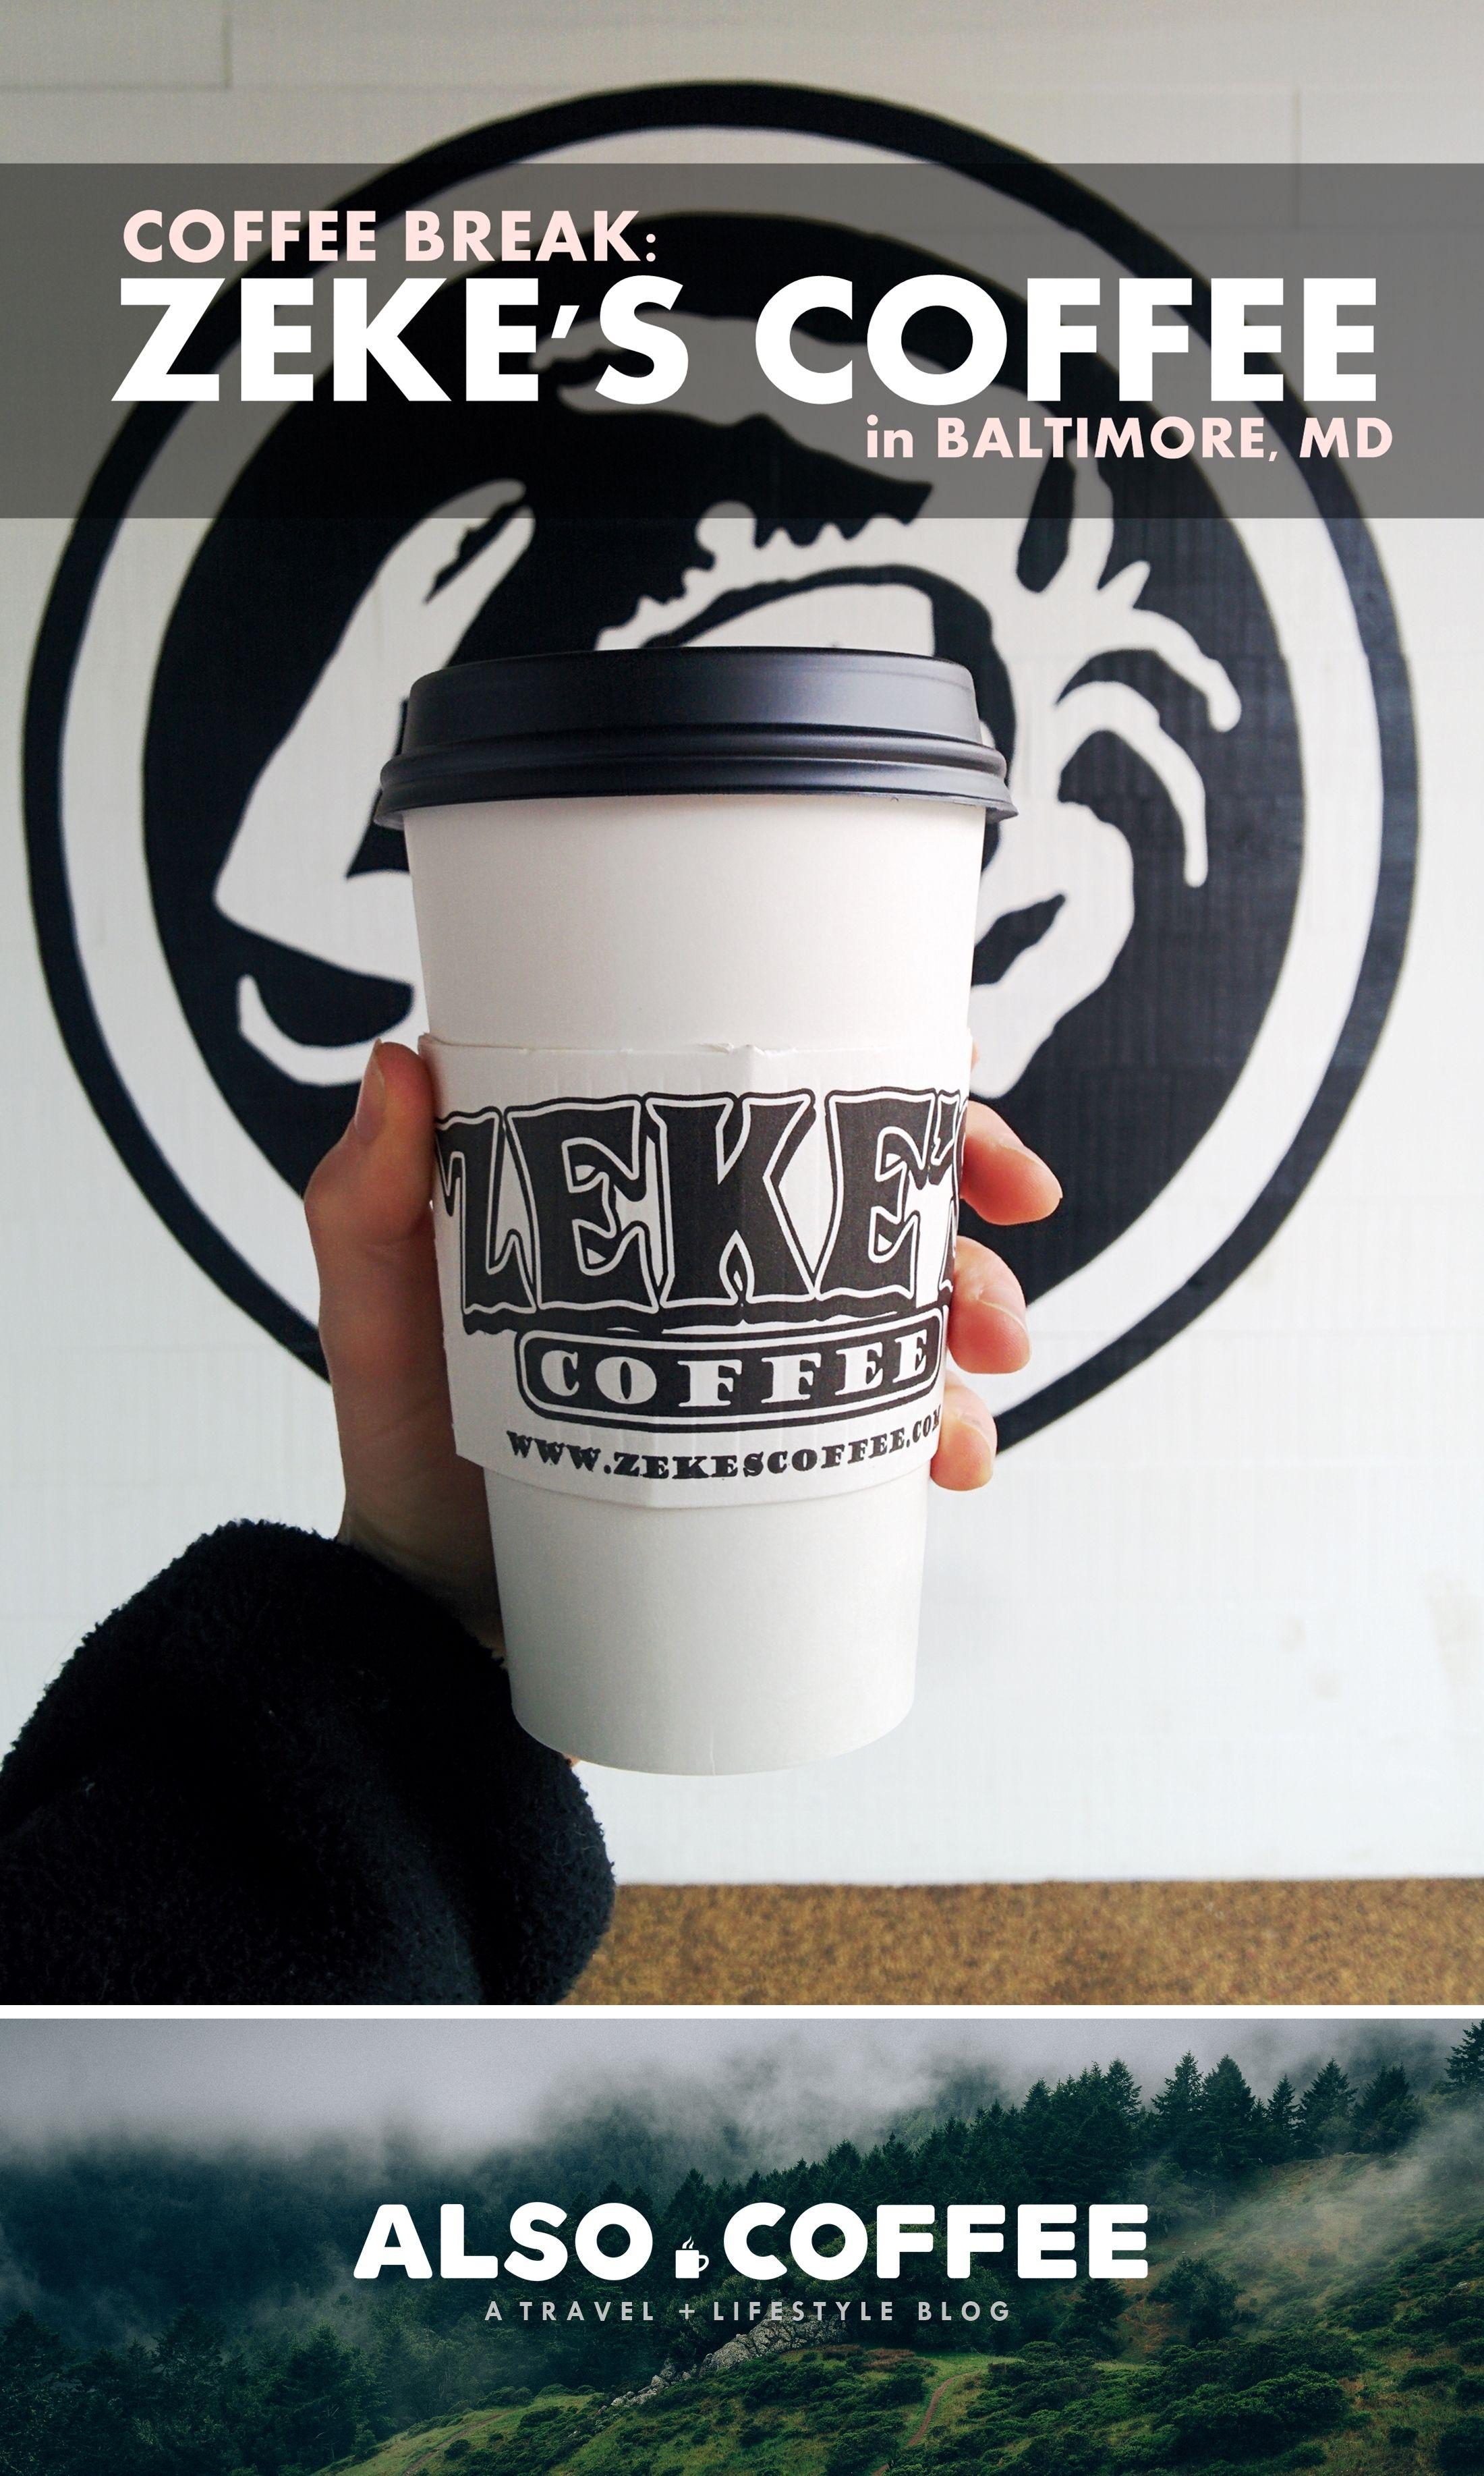 Coffee Break Zeke S Coffee In Baltimore Md Also Coffee Coffee Blog Coffee Break Coffee Type